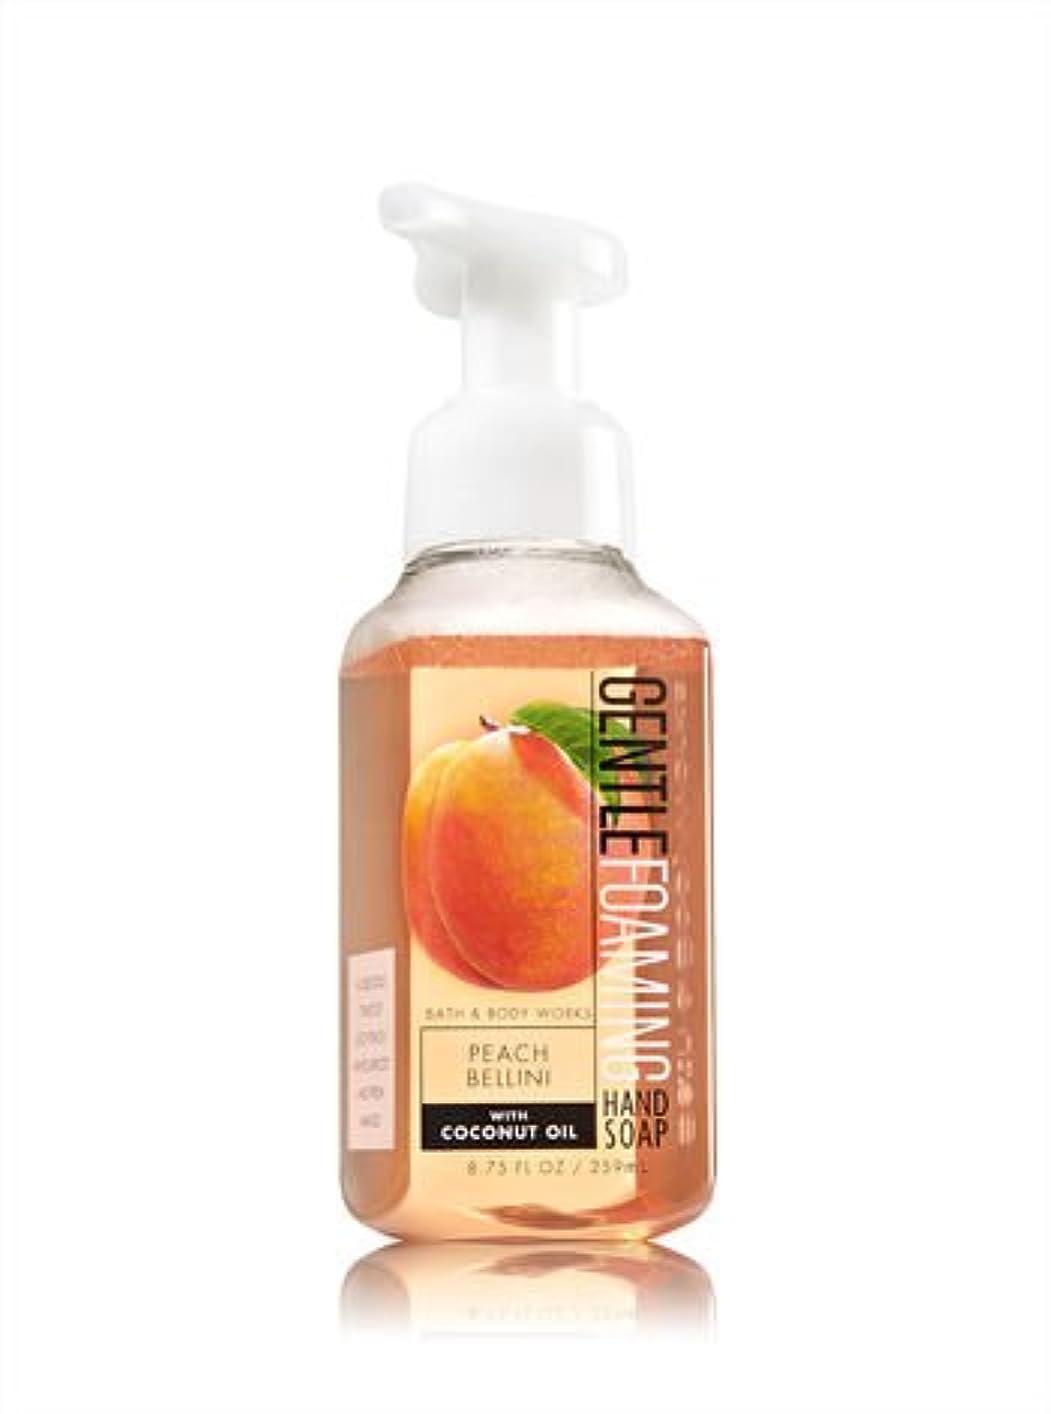 無実部族ウェーハバス&ボディワークス ピーチベリーニ ジェントル フォーミング ハンドソープ Peach Bellini Gentle Foaming Hand Soap [並行輸入品]